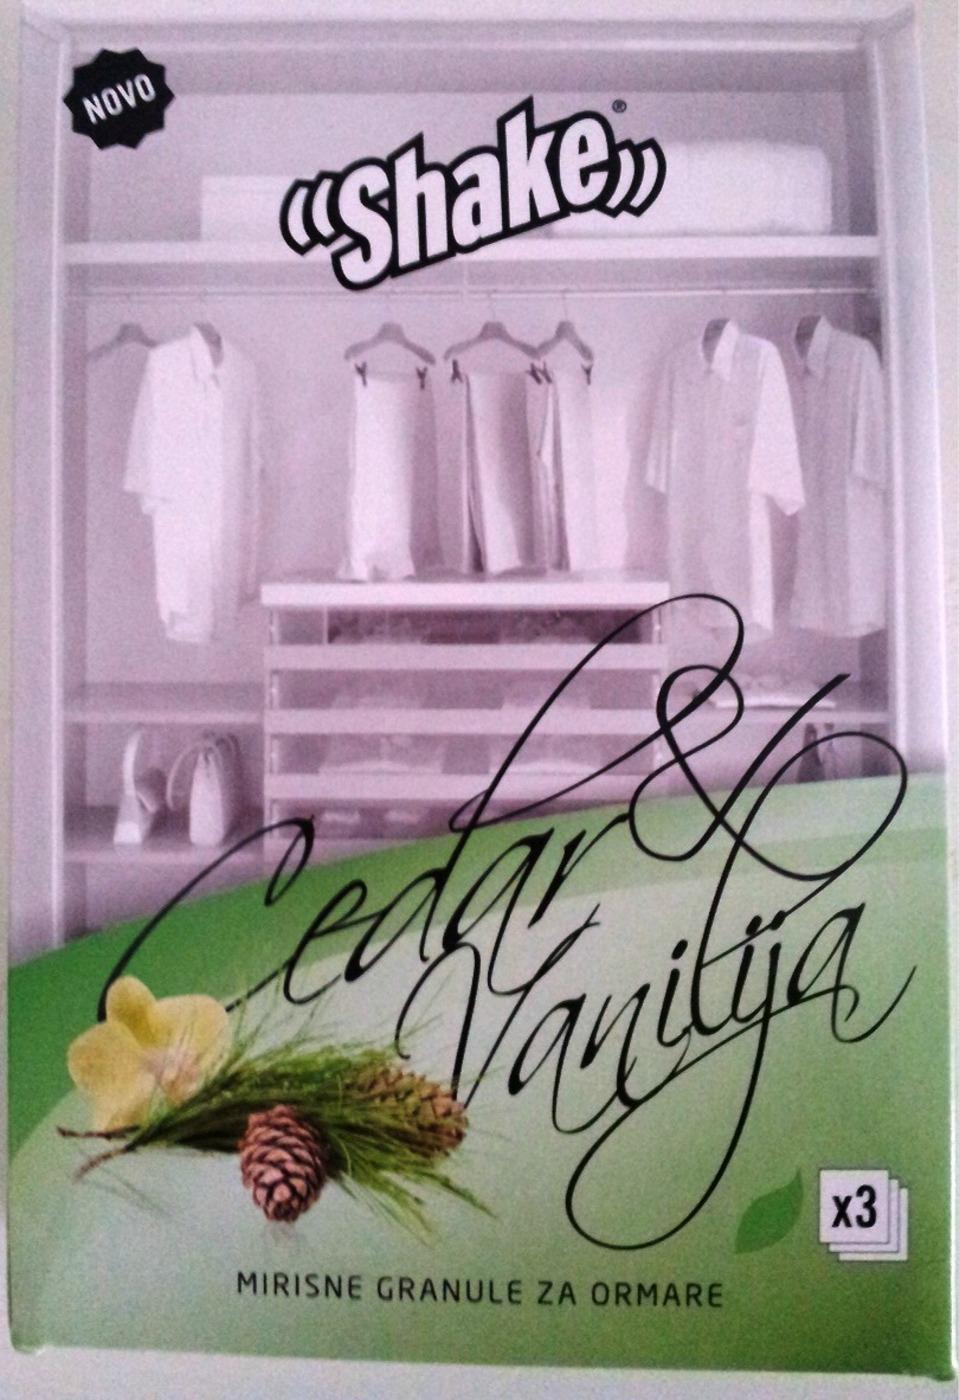 Vanilj & Cedar doftpulver för garderob